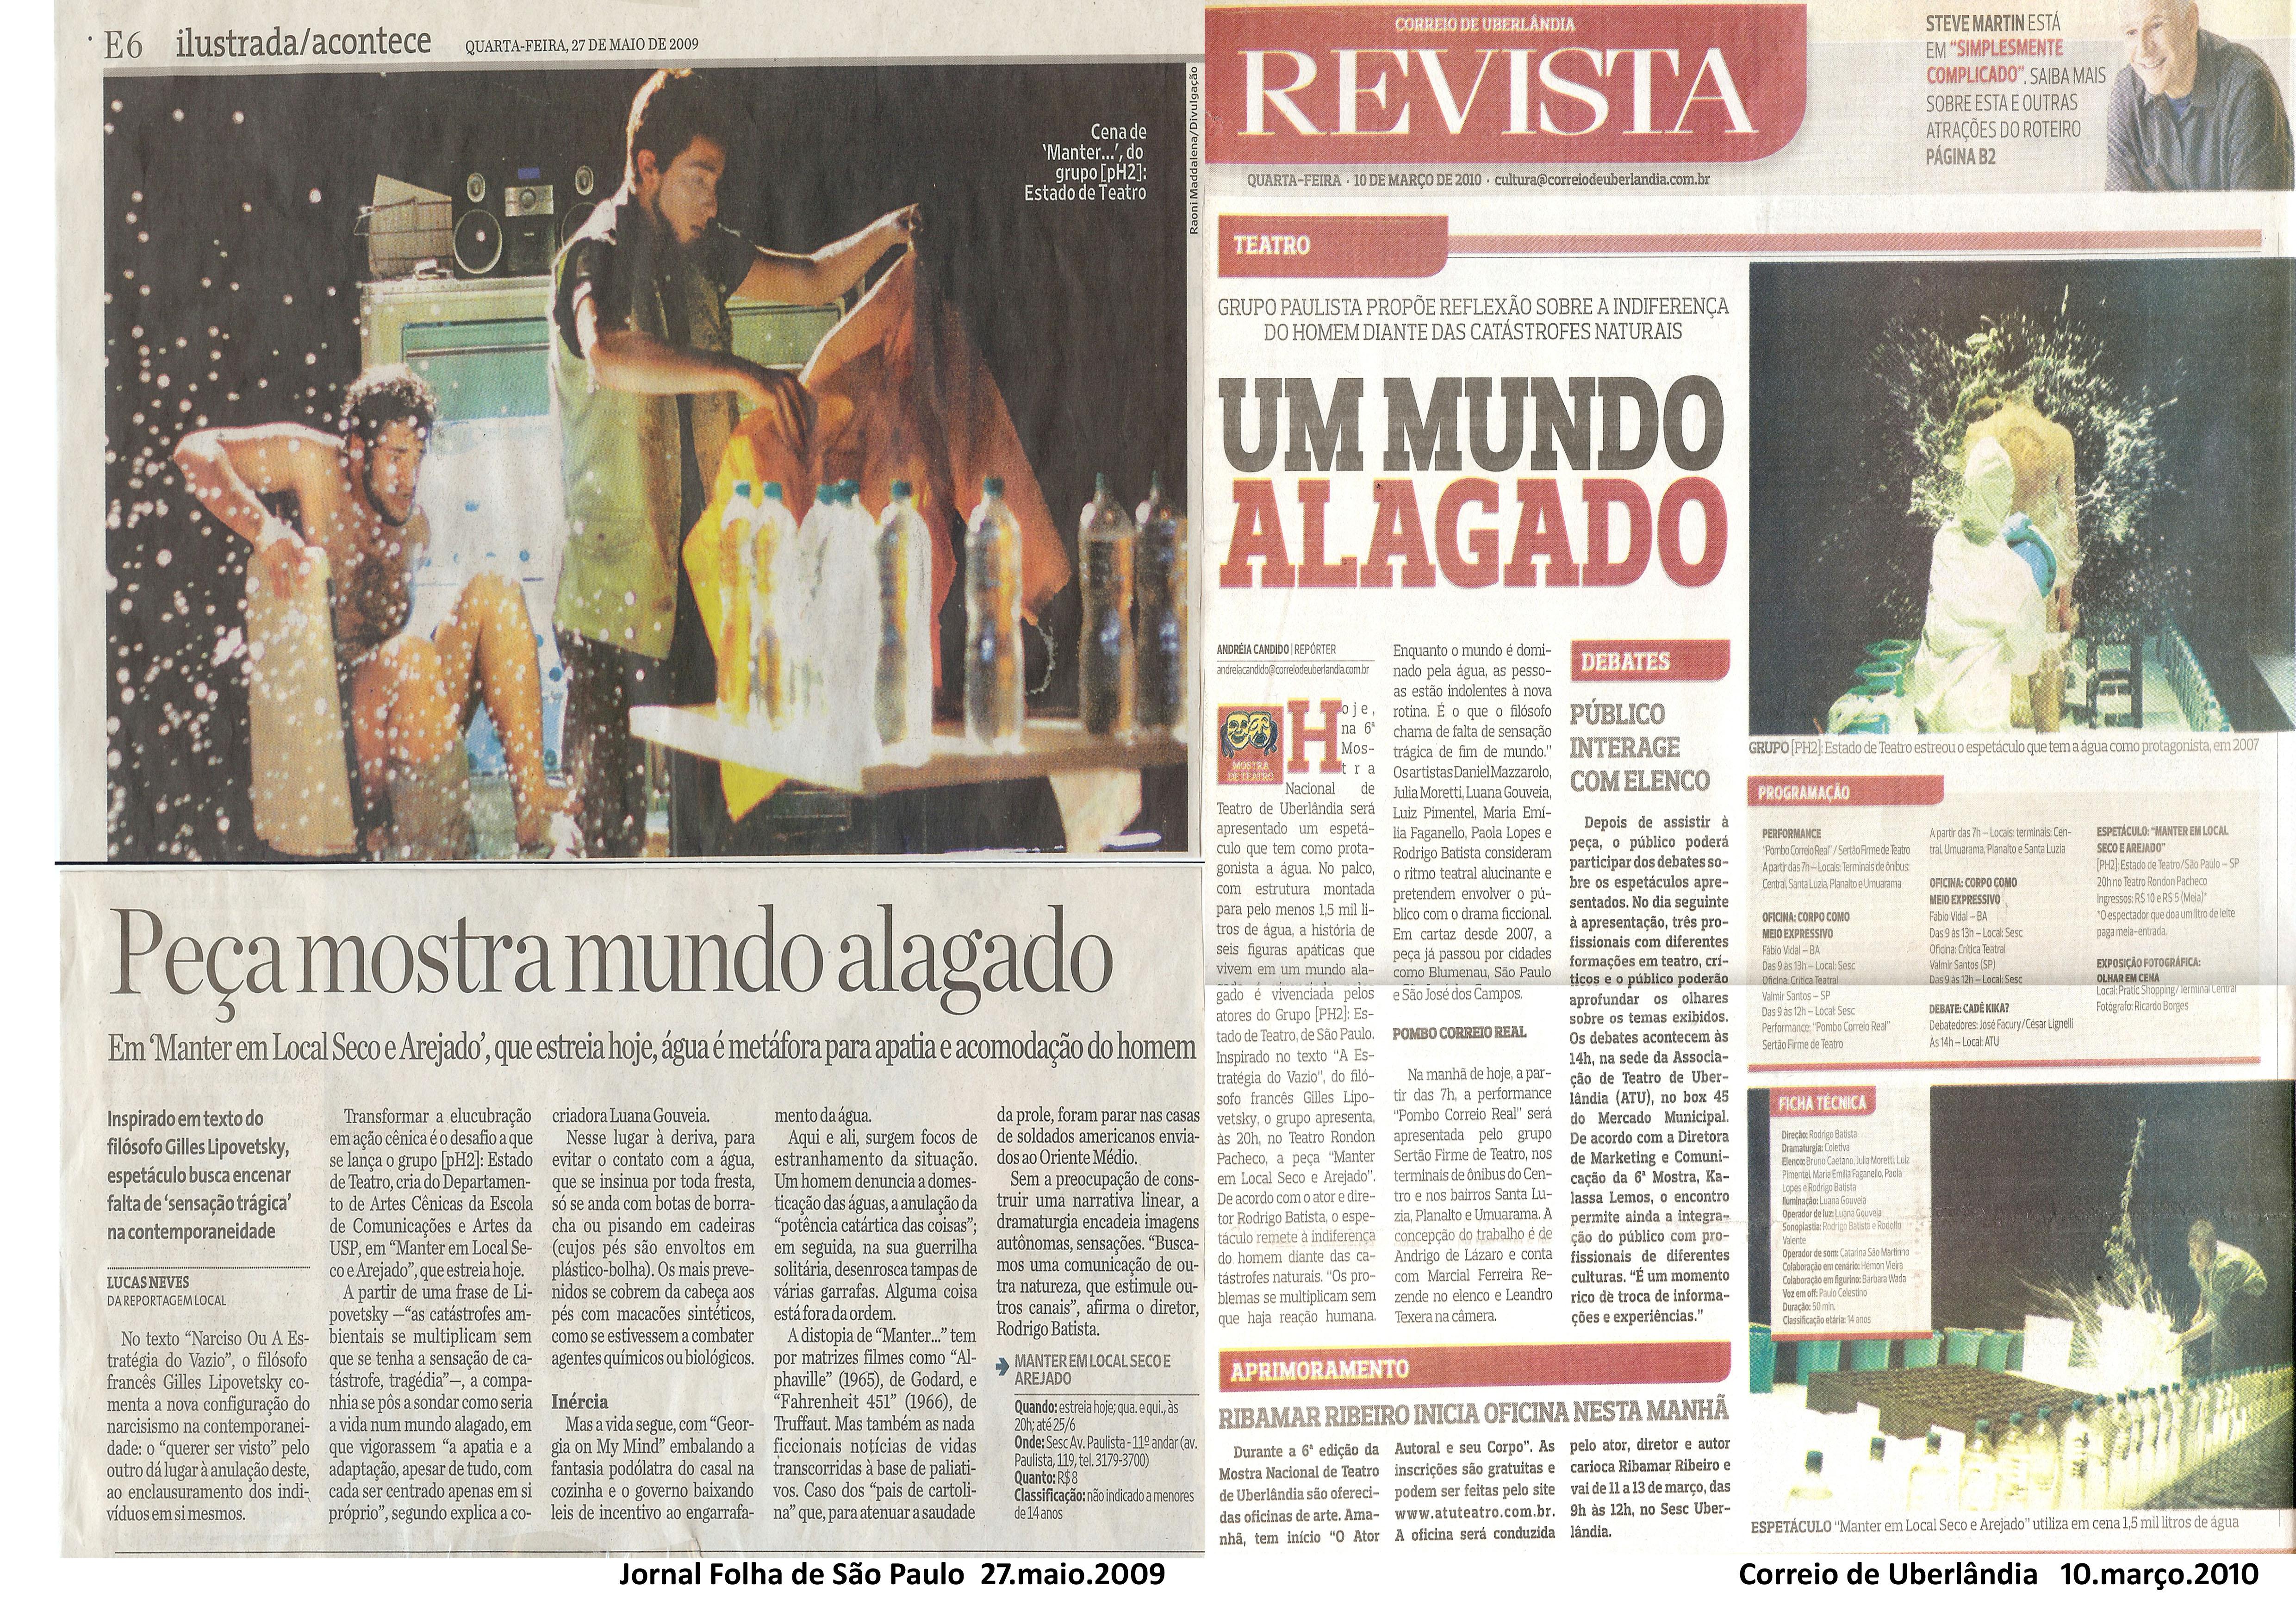 Folha de SP, 2009